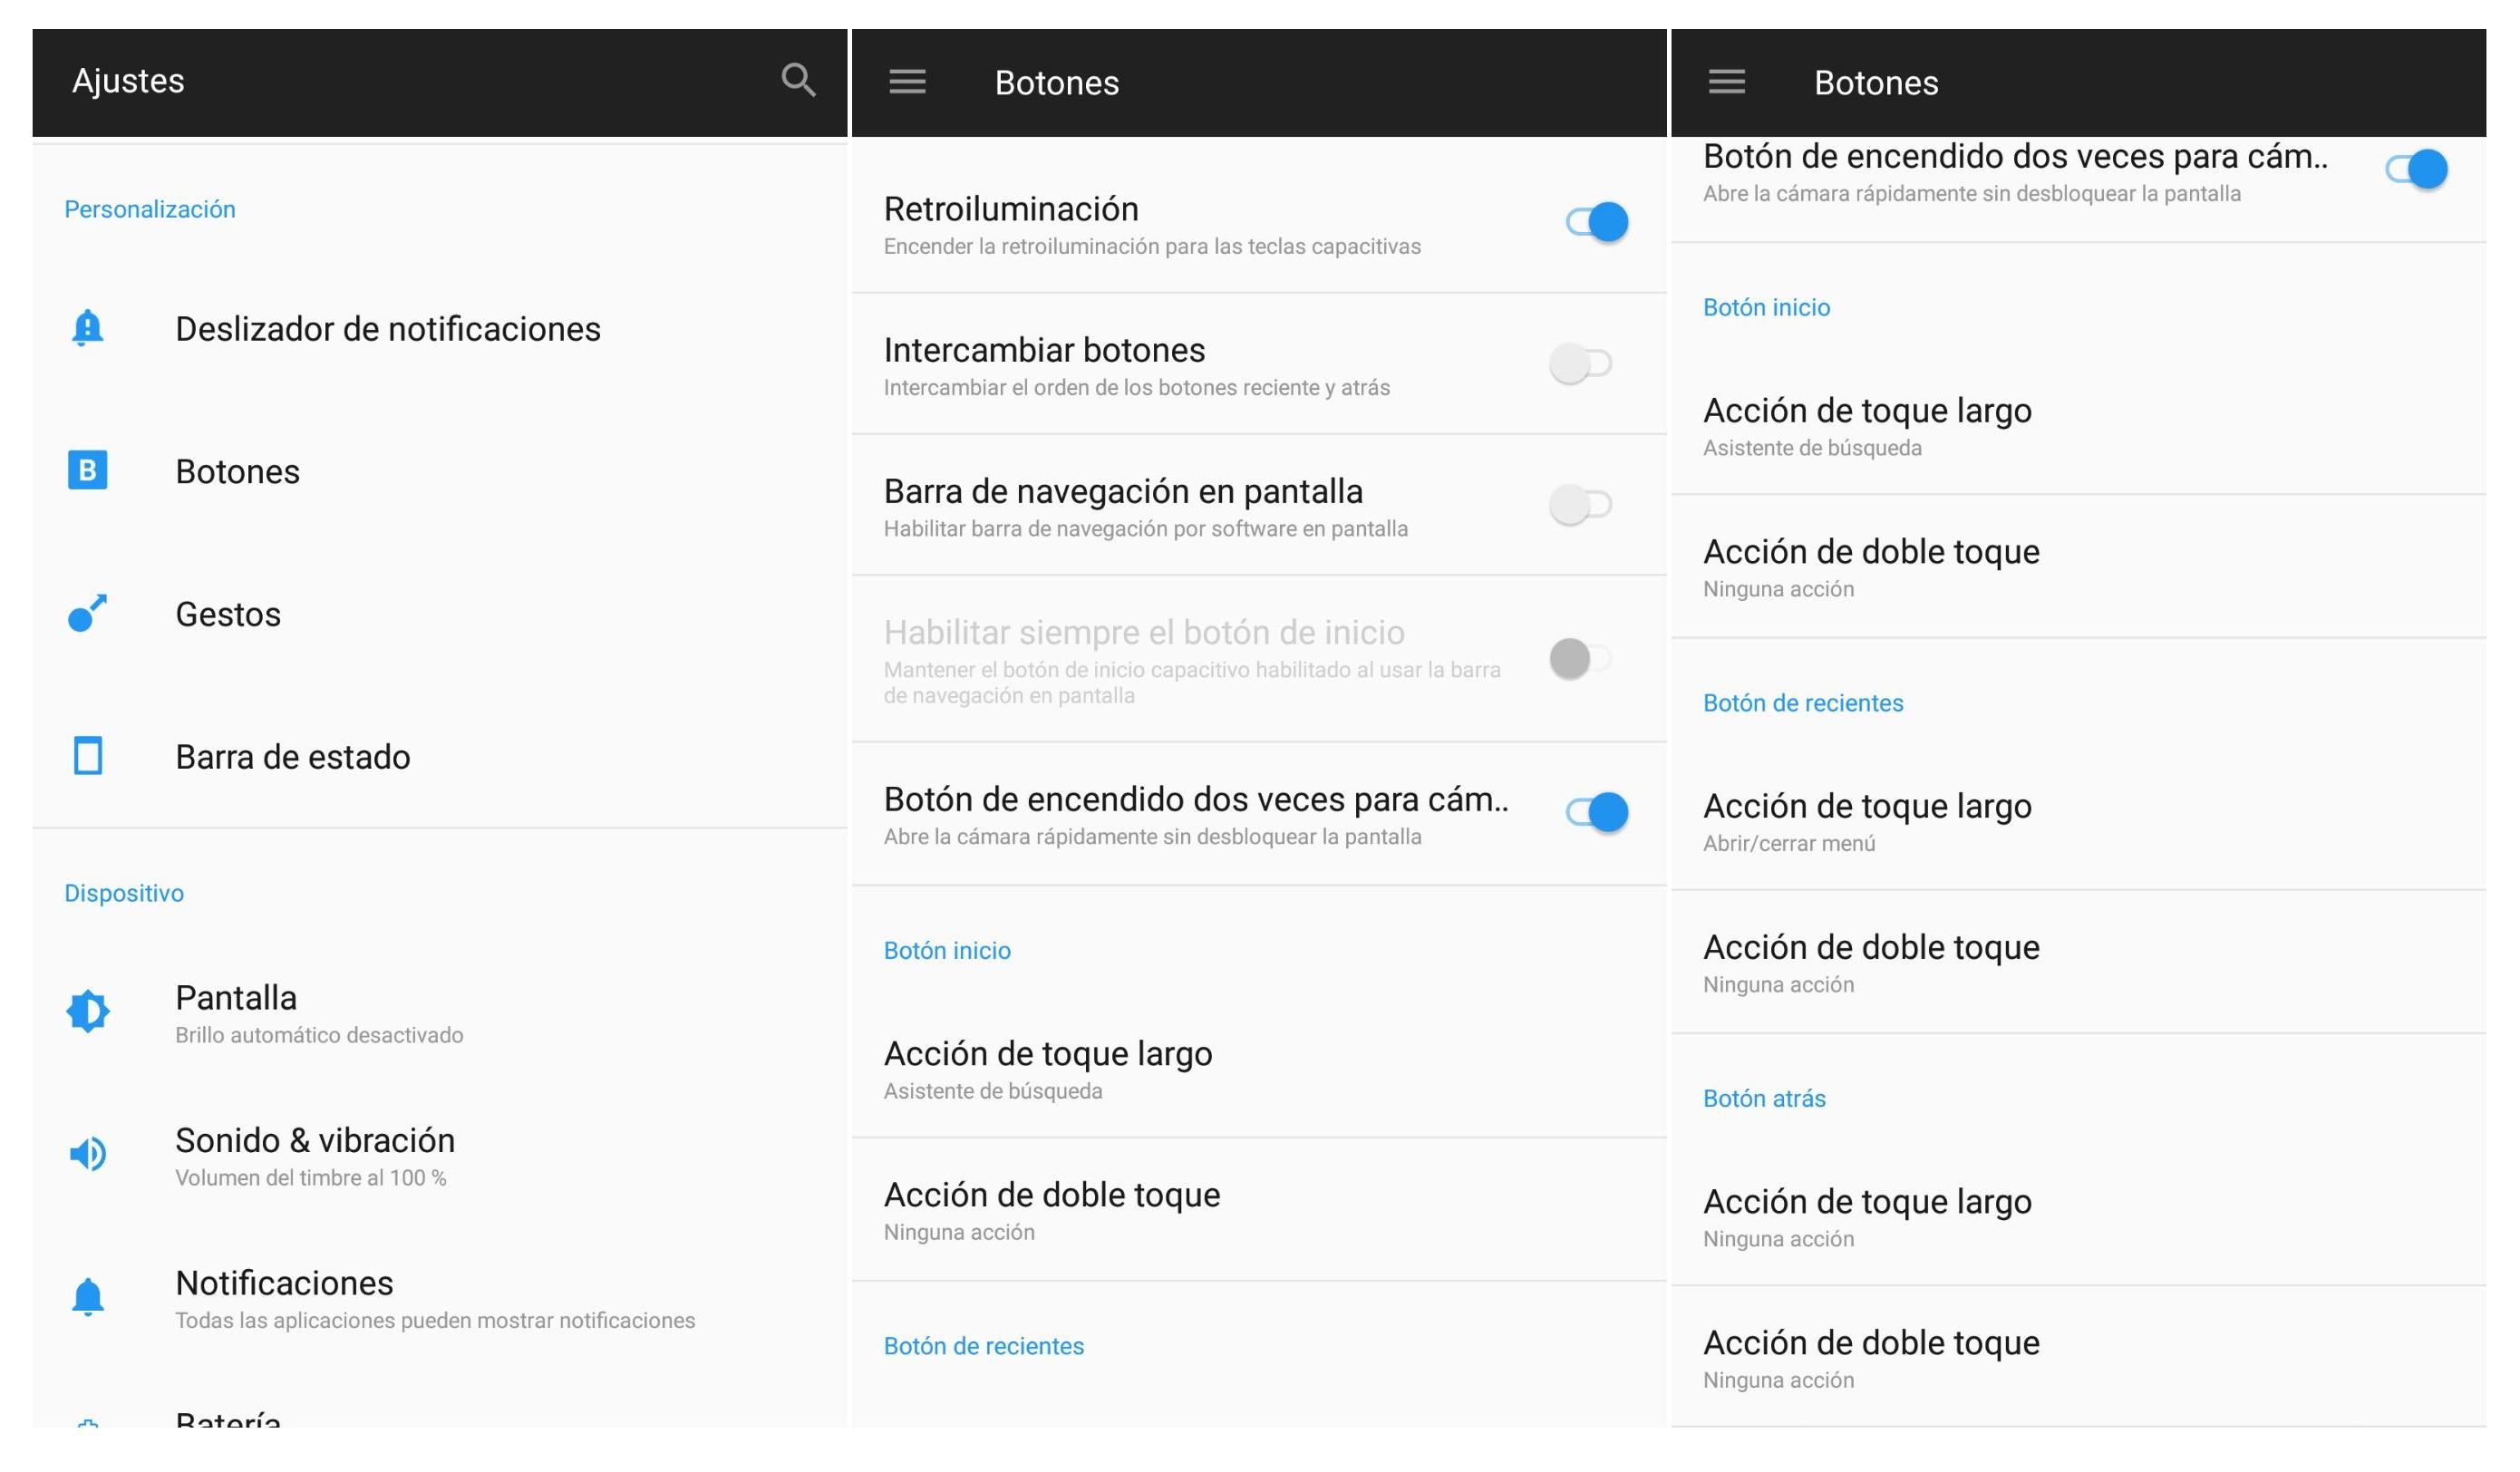 personalizar los botones en el OnePlus